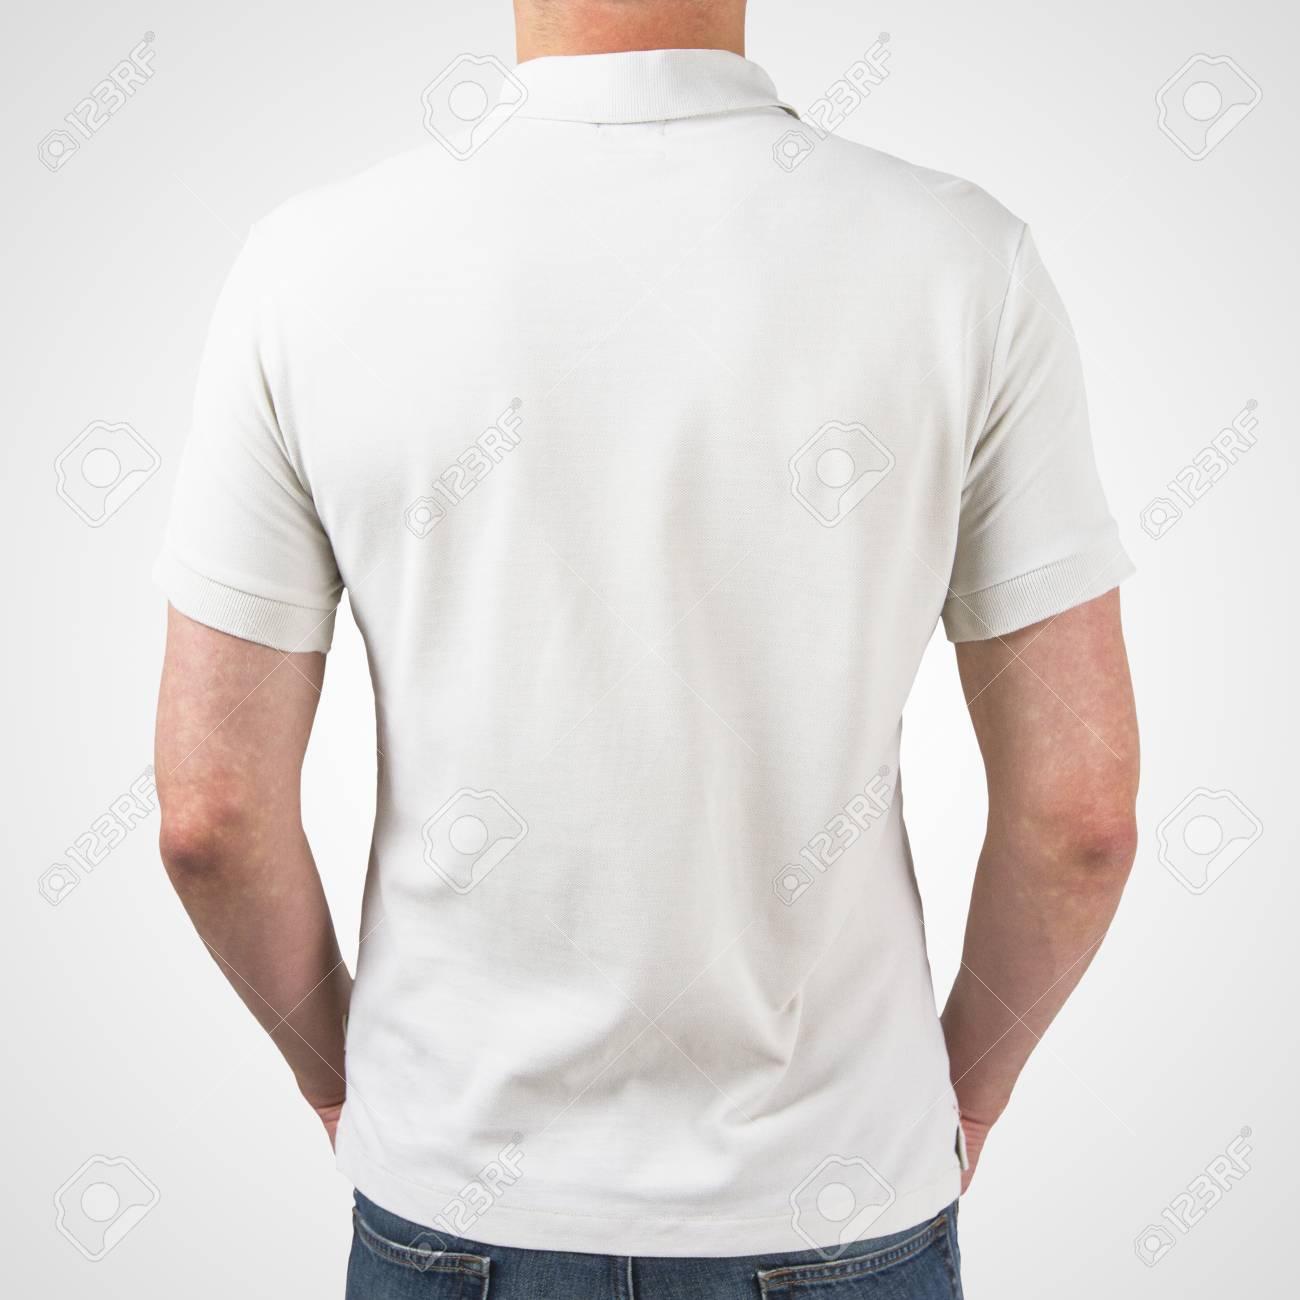 e3501b63a39db Chico de polo camiseta blanca de pie atrás Foto de archivo - 25743705